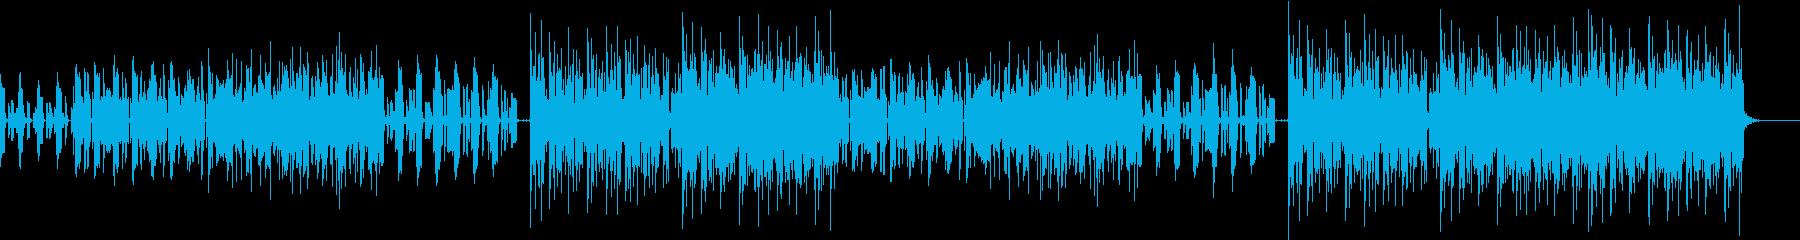 オシャレでアダルトなFUNK ROCKの再生済みの波形